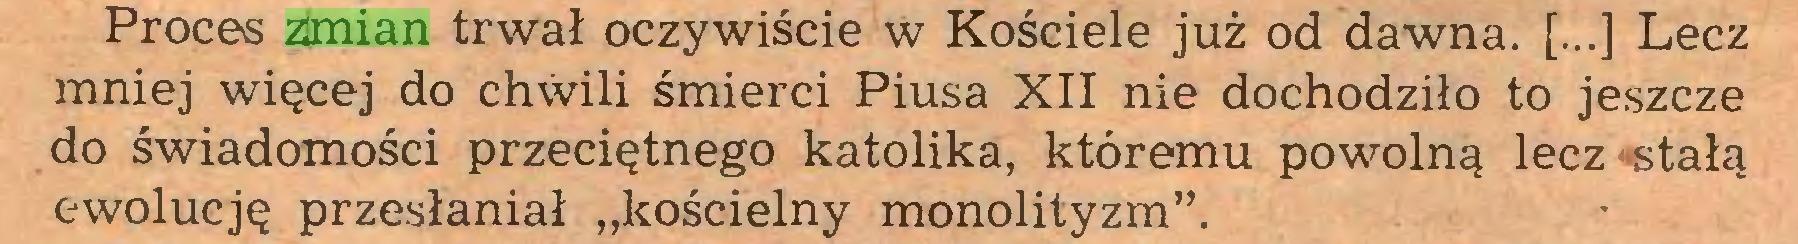 """(...) Proces amian trwał oczywiście w Kościele już od dawna. [...] Lecz mniej więcej do chwili śmierci Piusa XII nie dochodziło to jeszcze do świadomości przeciętnego katolika, któremu powolną lecz >stałą ewolucję przesłaniał """"kościelny monolityzm""""..."""